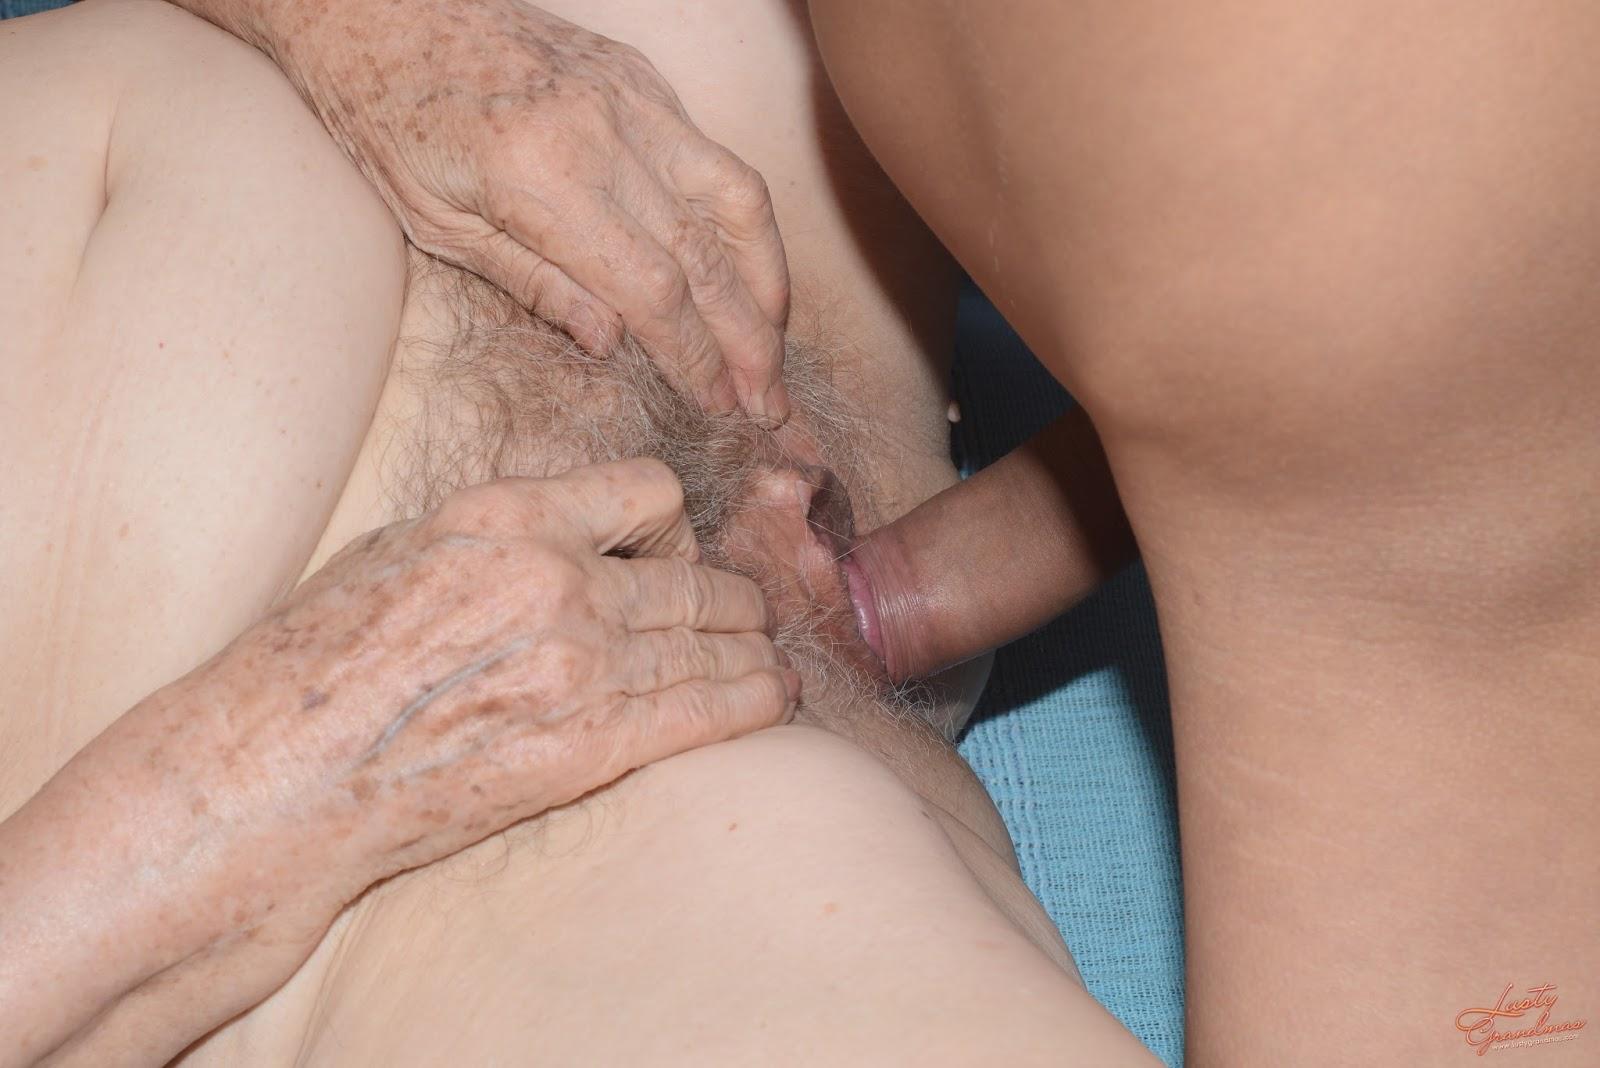 Girl spank nude